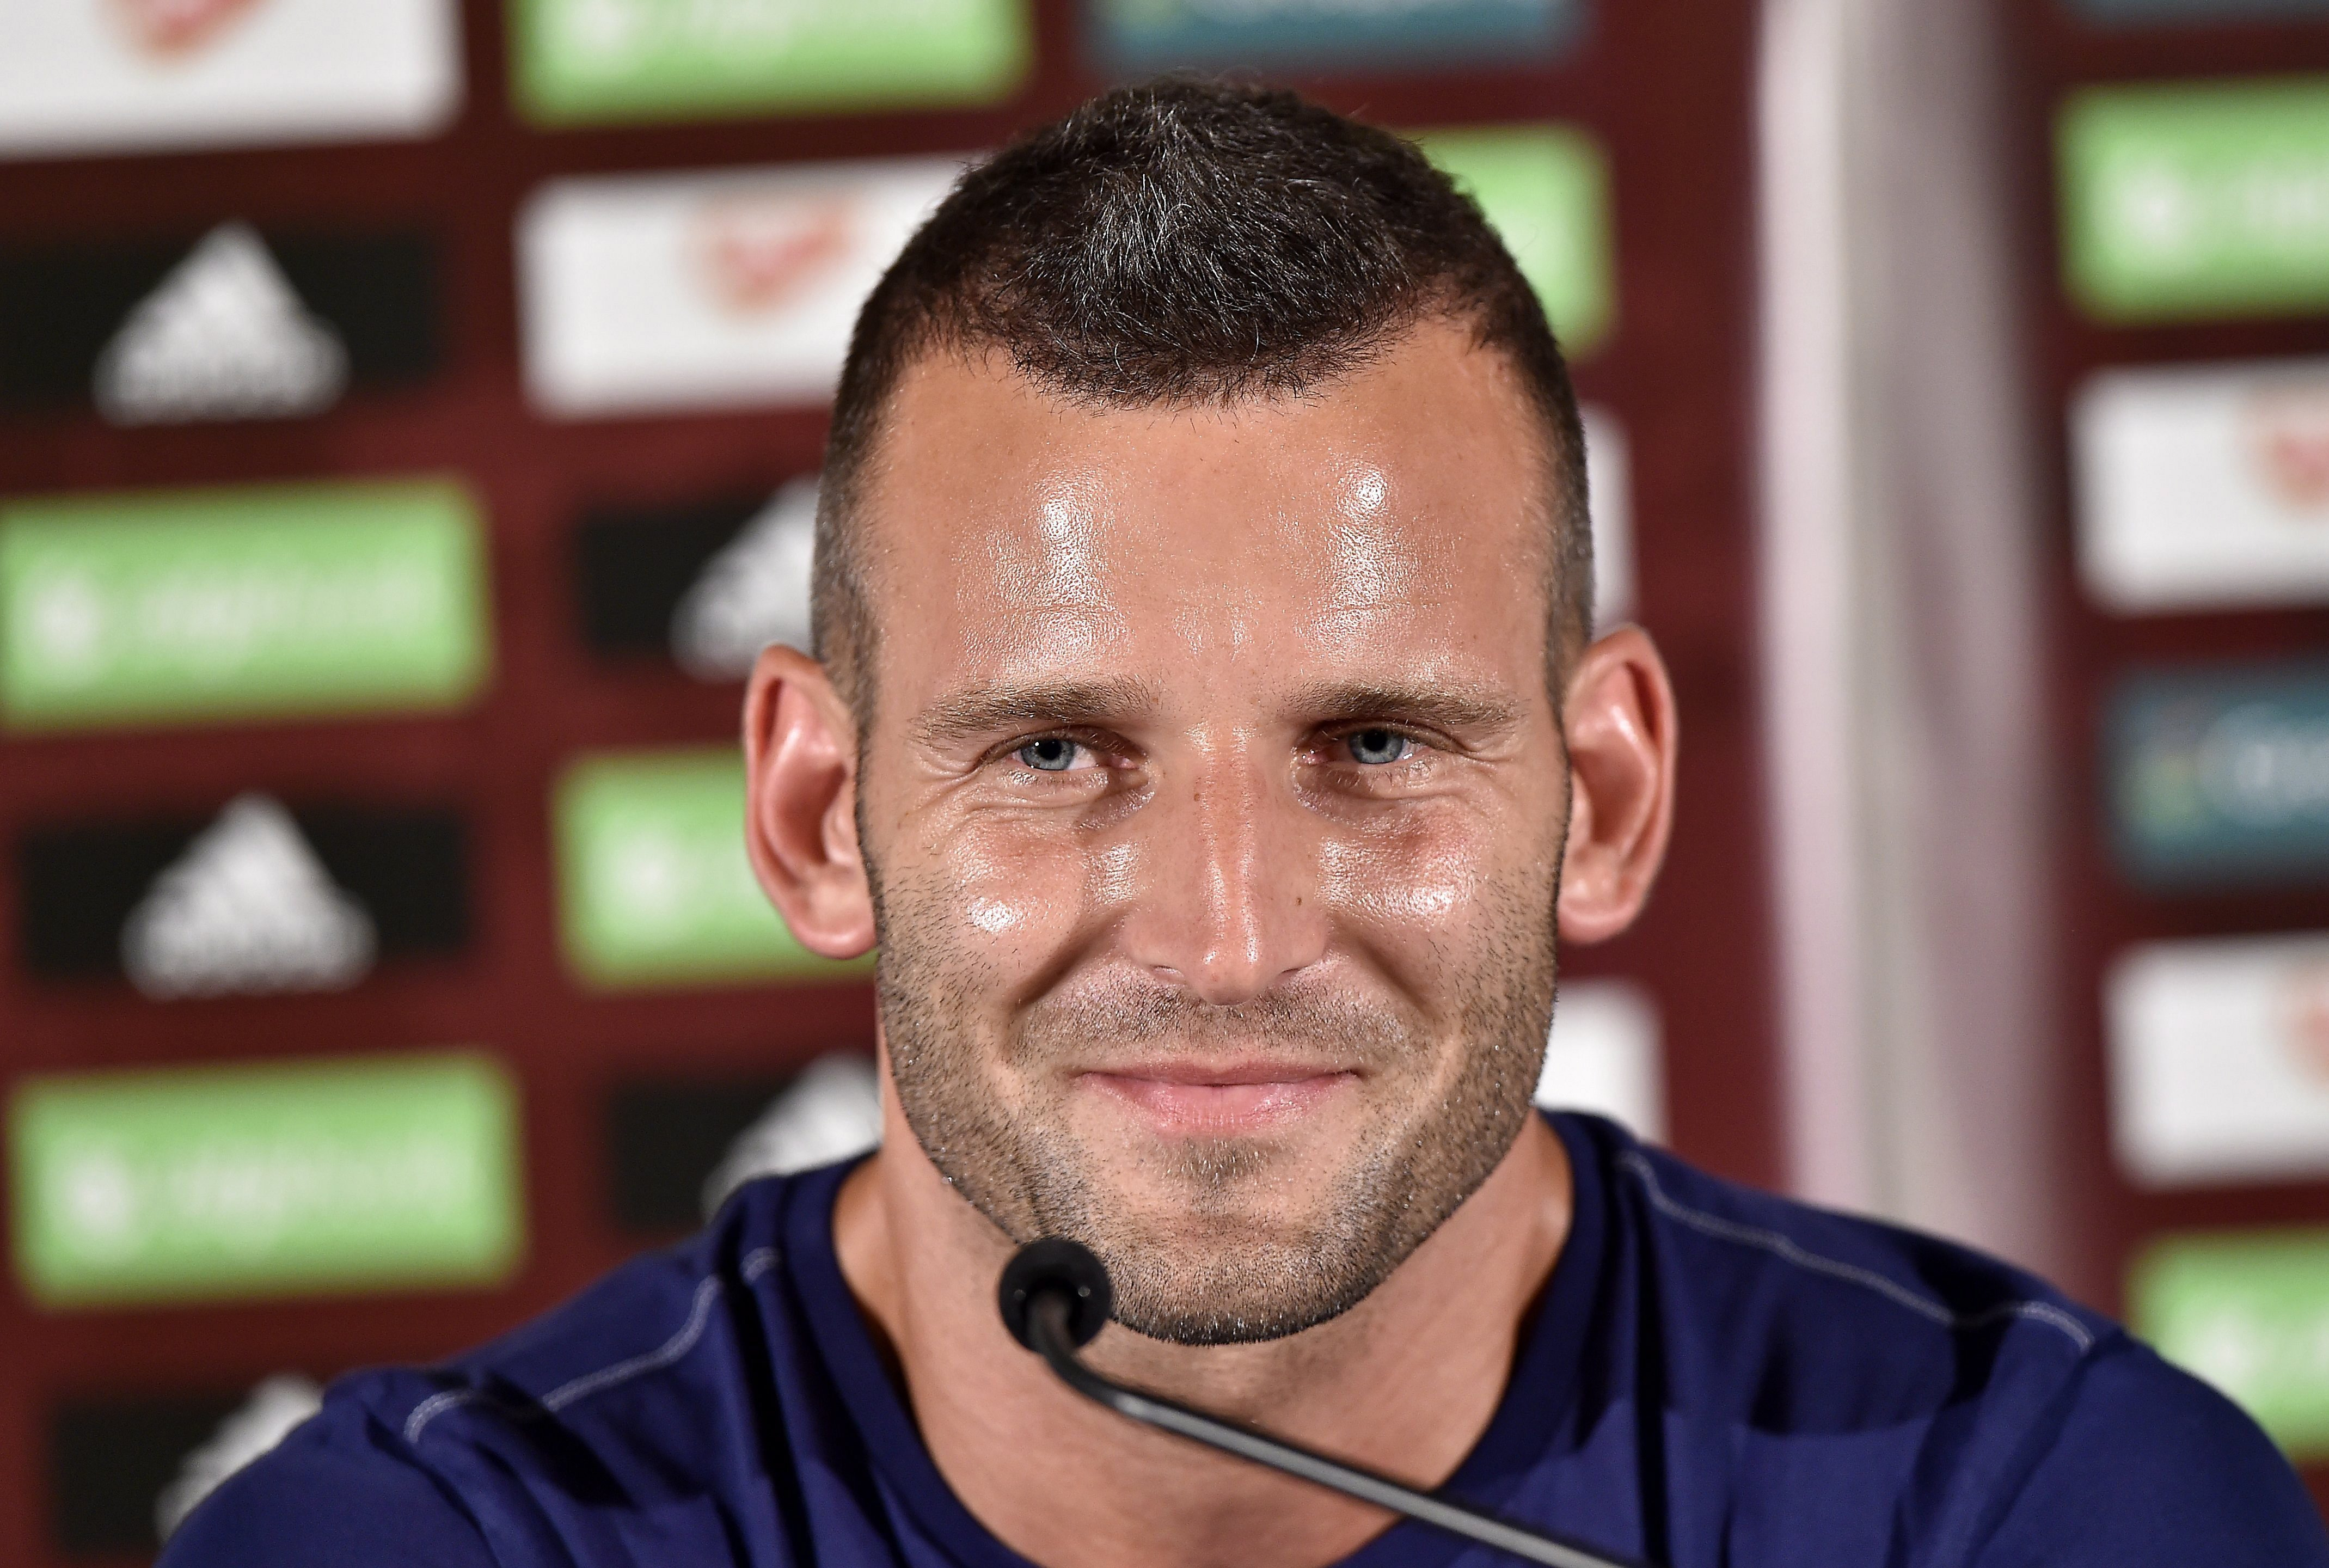 Szélesi Zoltán at the press conference